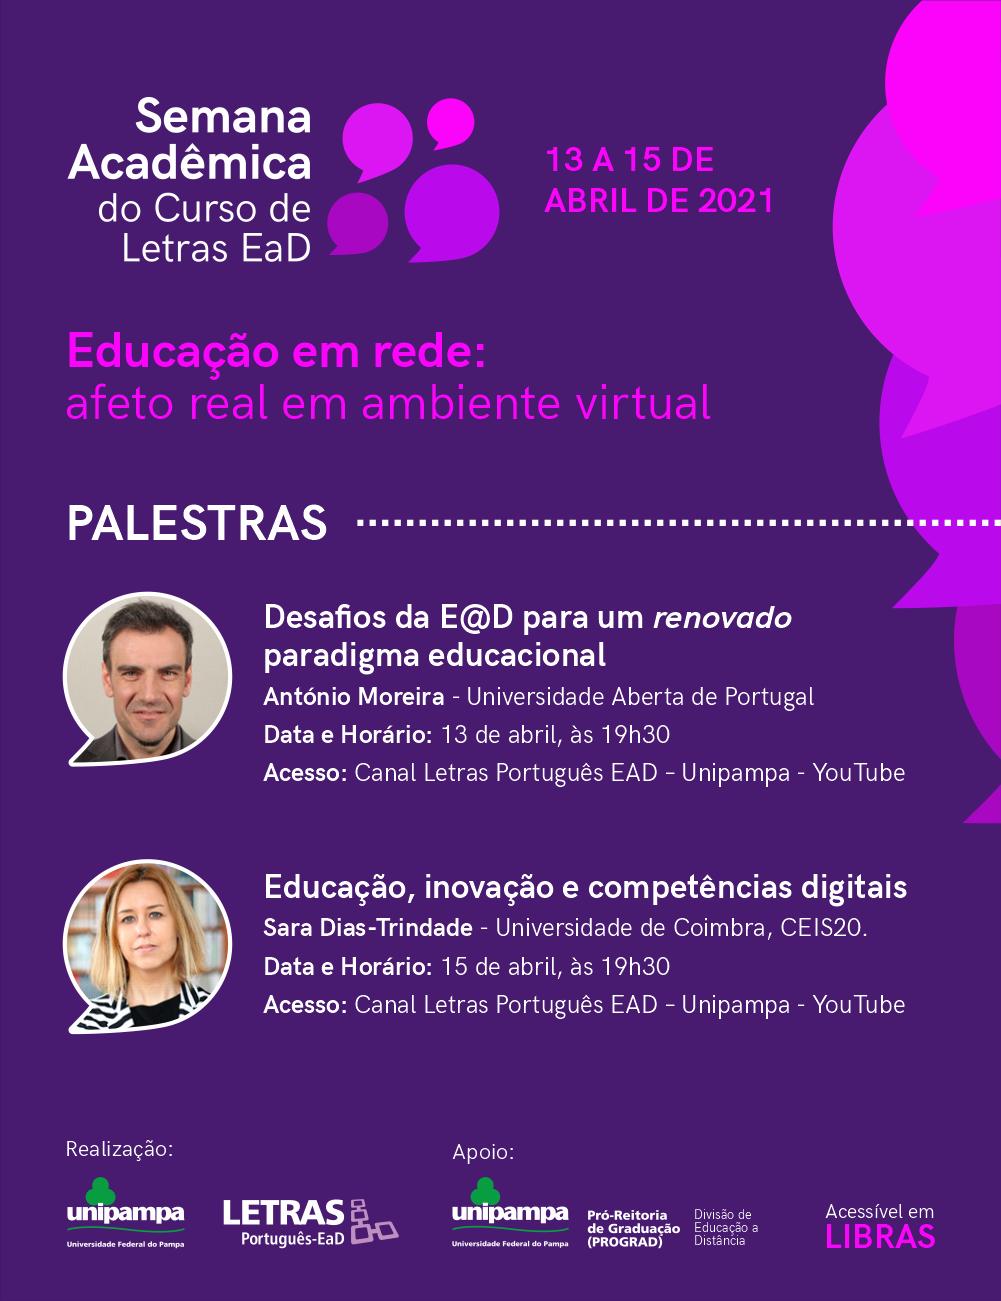 Confira as palestras da I Semana Acadêmica de Letras EaD - Divulgação